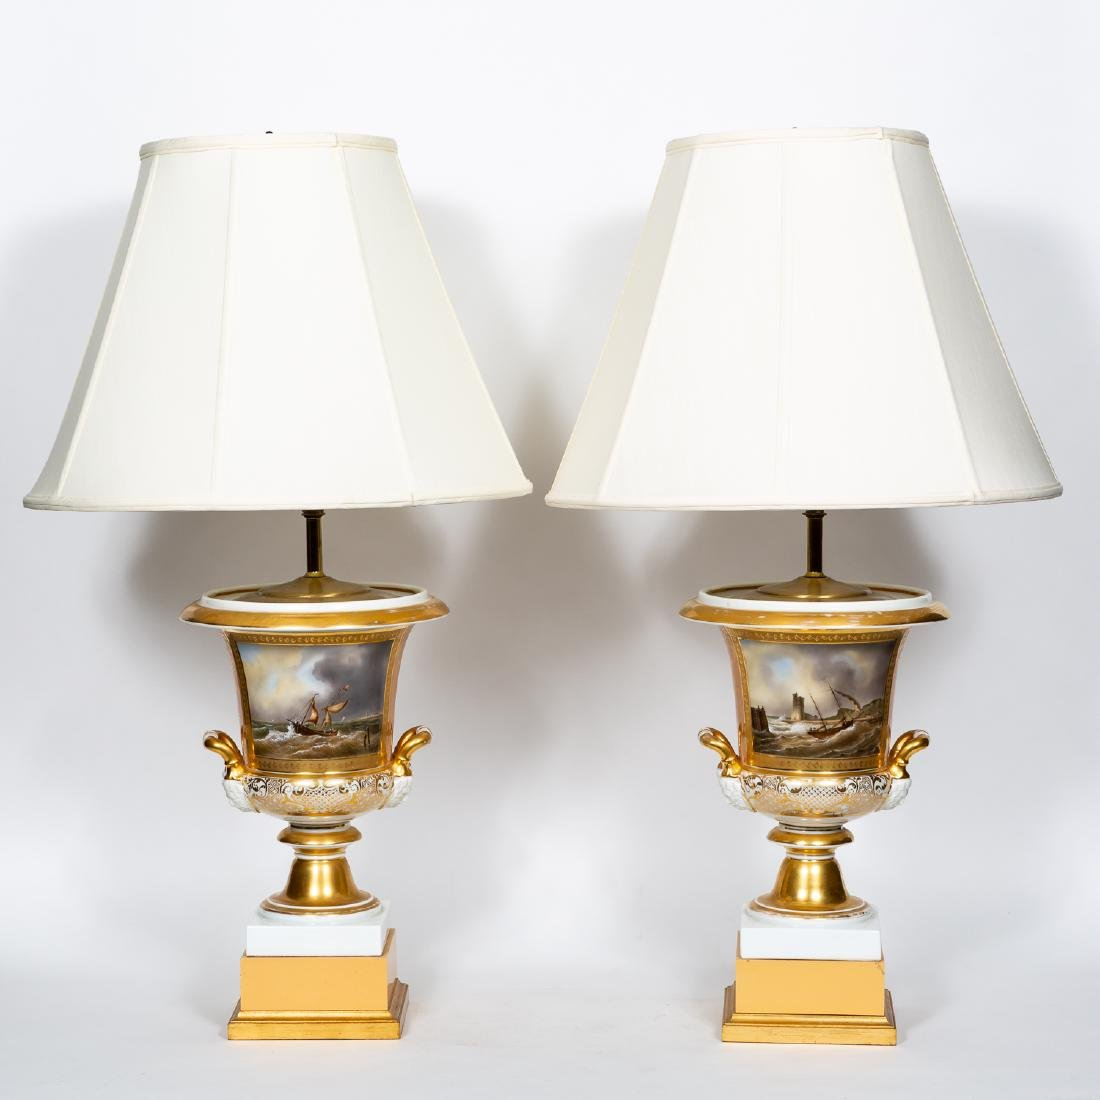 Pair, Exceptional Old Paris Porcelain Lamps, Seascape